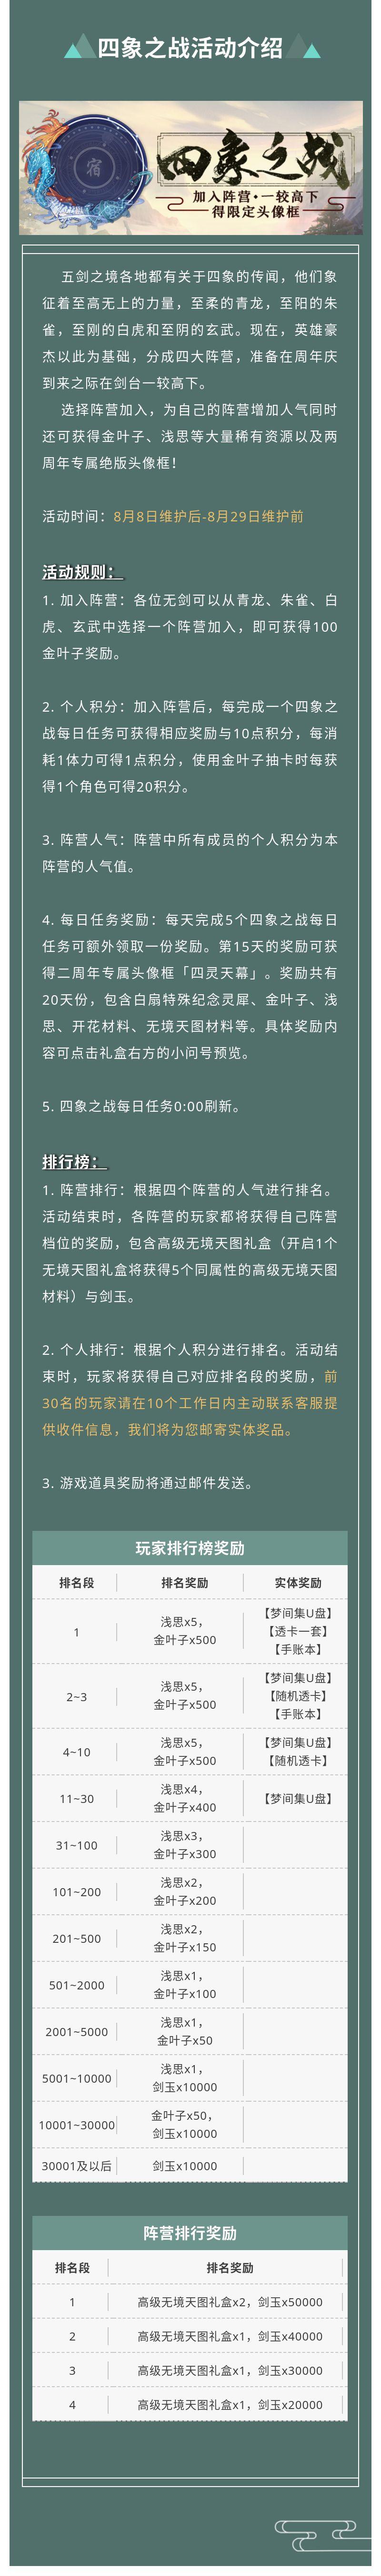 四象之战活动公告-四象之战活动介绍.jpg